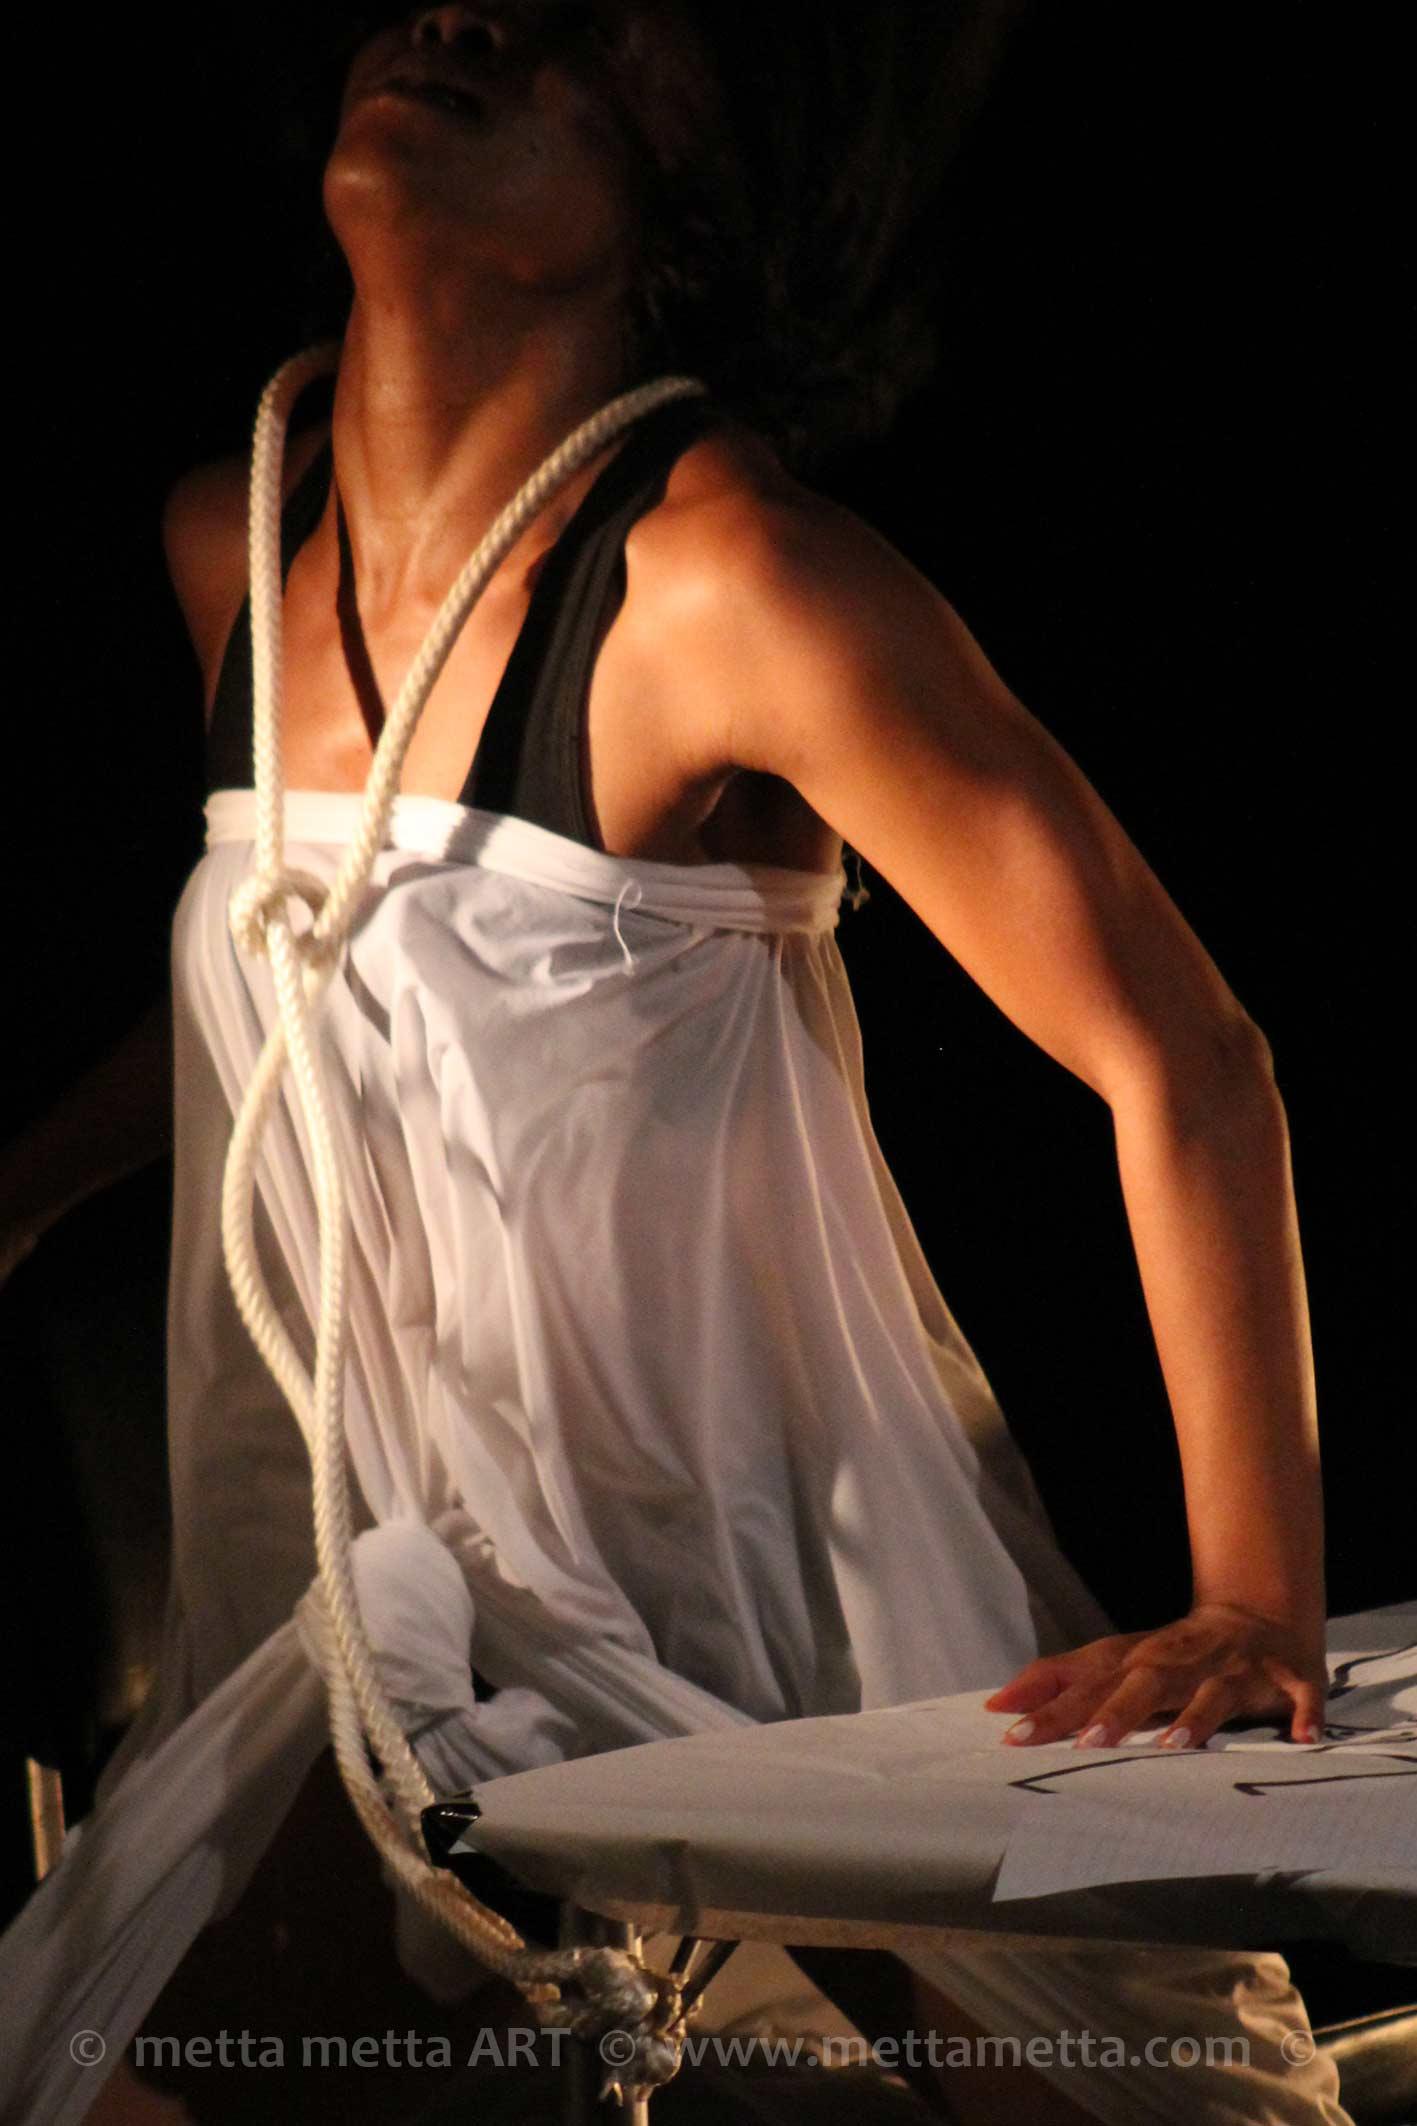 Julie Iarisoa by metta